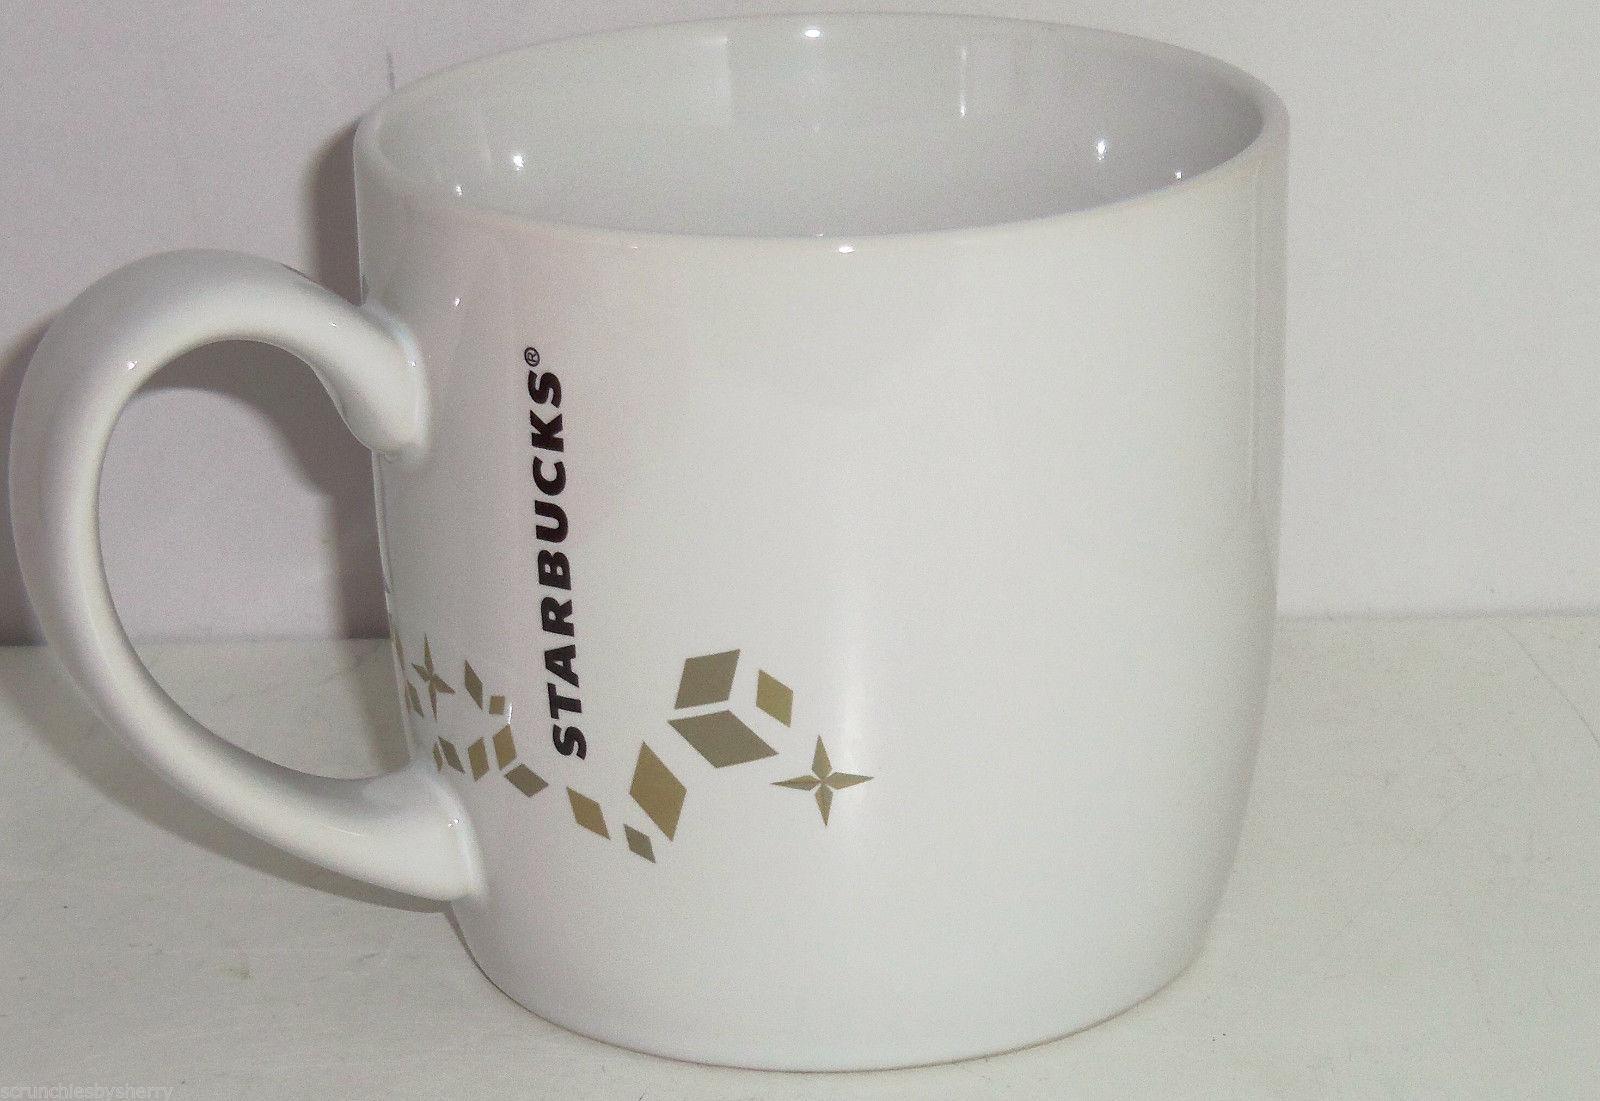 Starbucks Christmas Coffee Mugs.Starbucks Christmas Coffee Mug Shared And 16 Similar Items